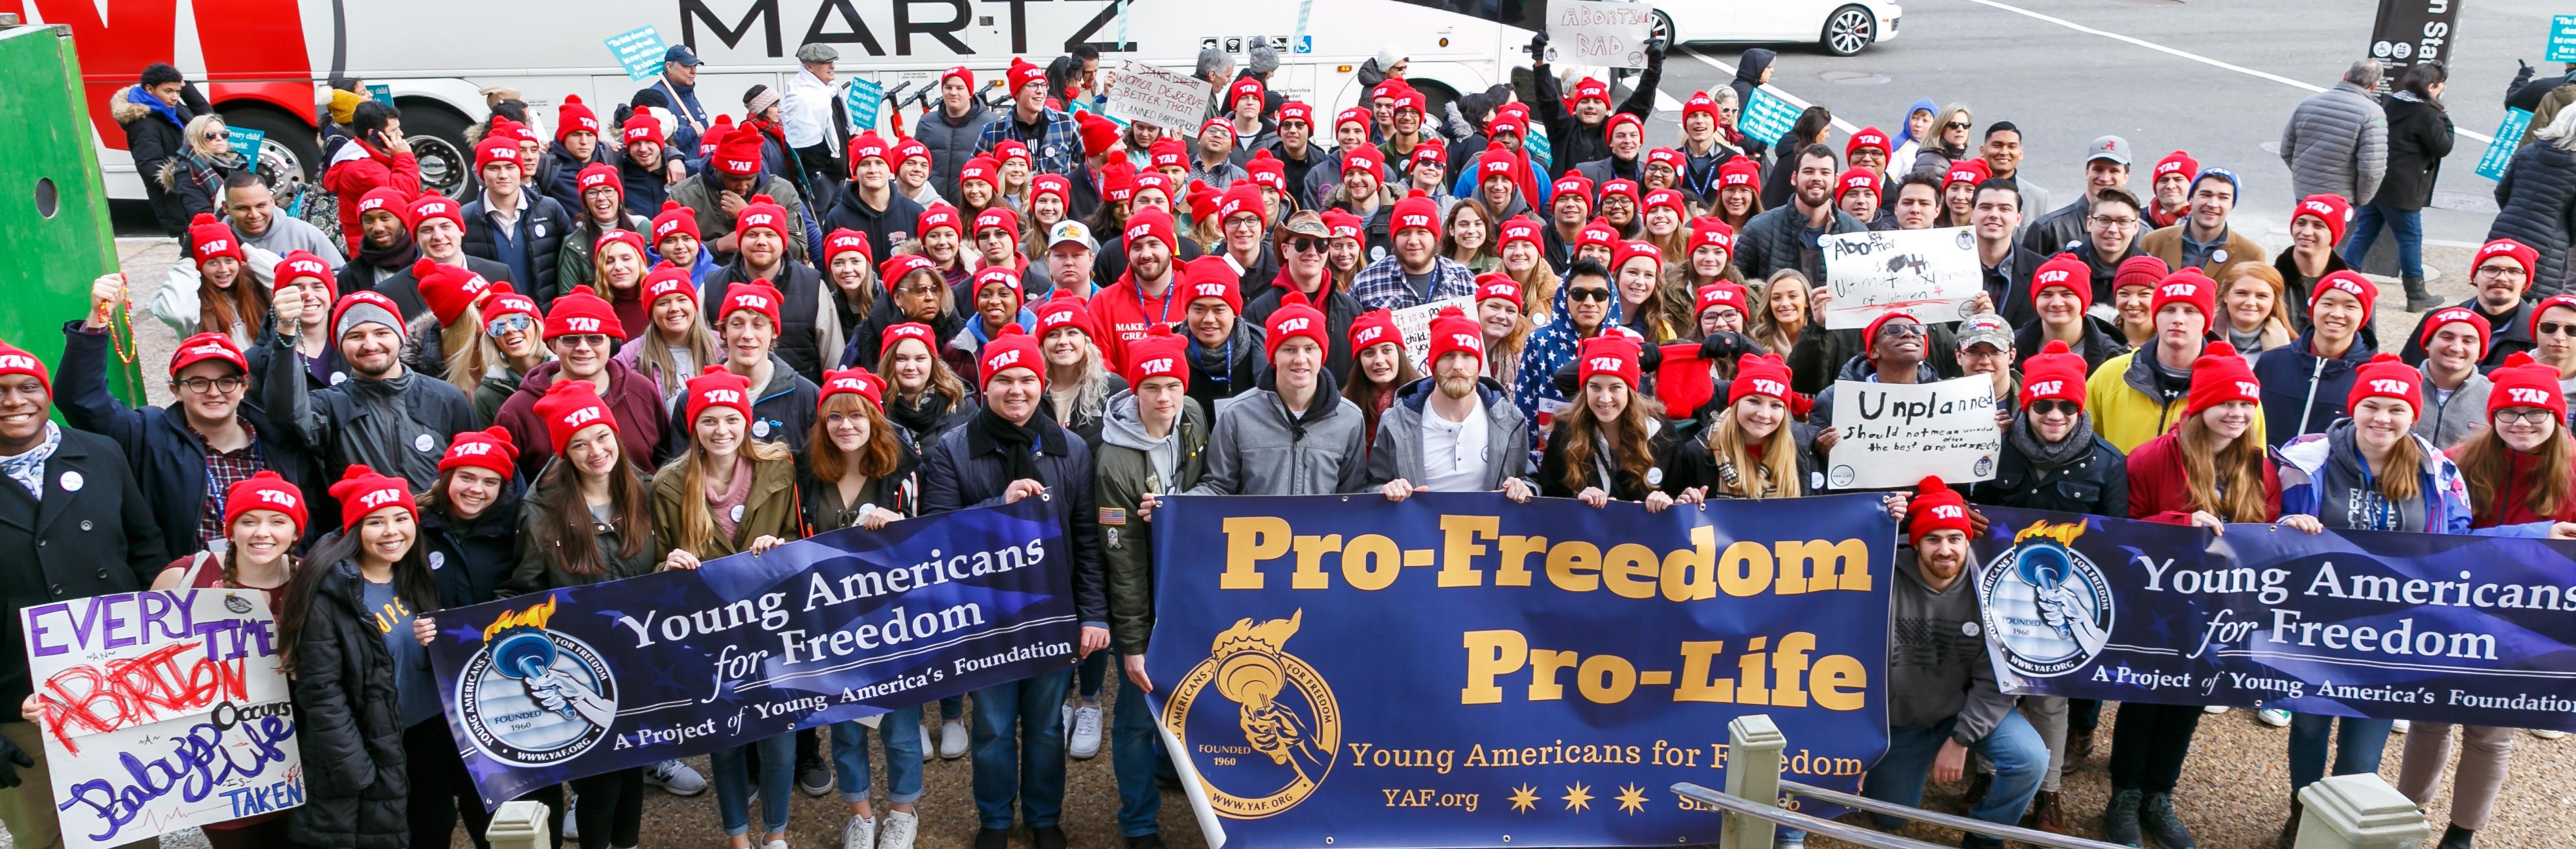 pro-life freedom